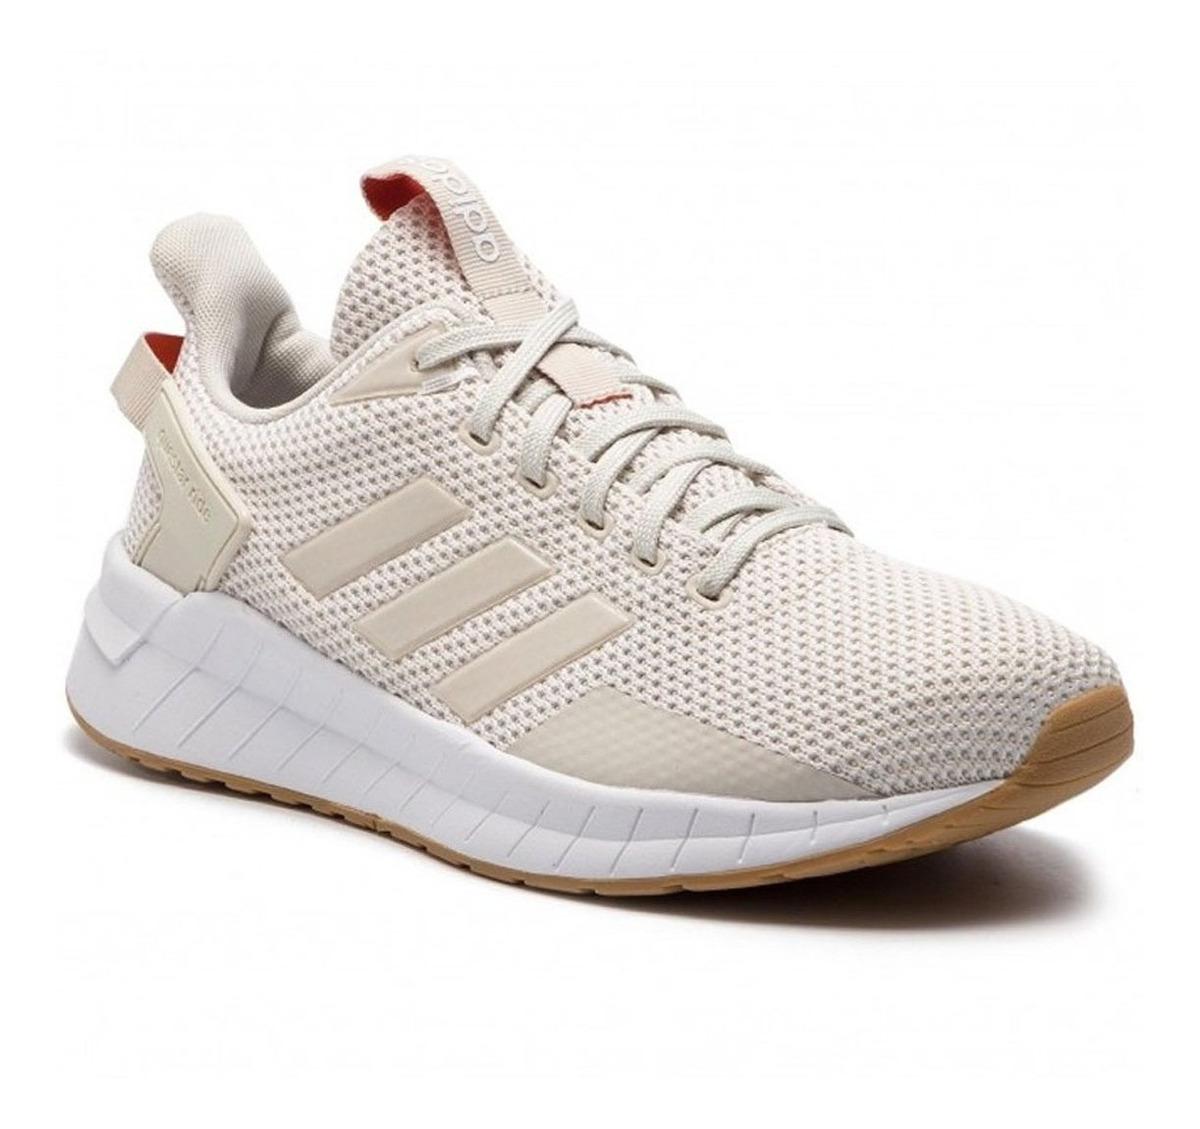 2zapatos adidas running hombre